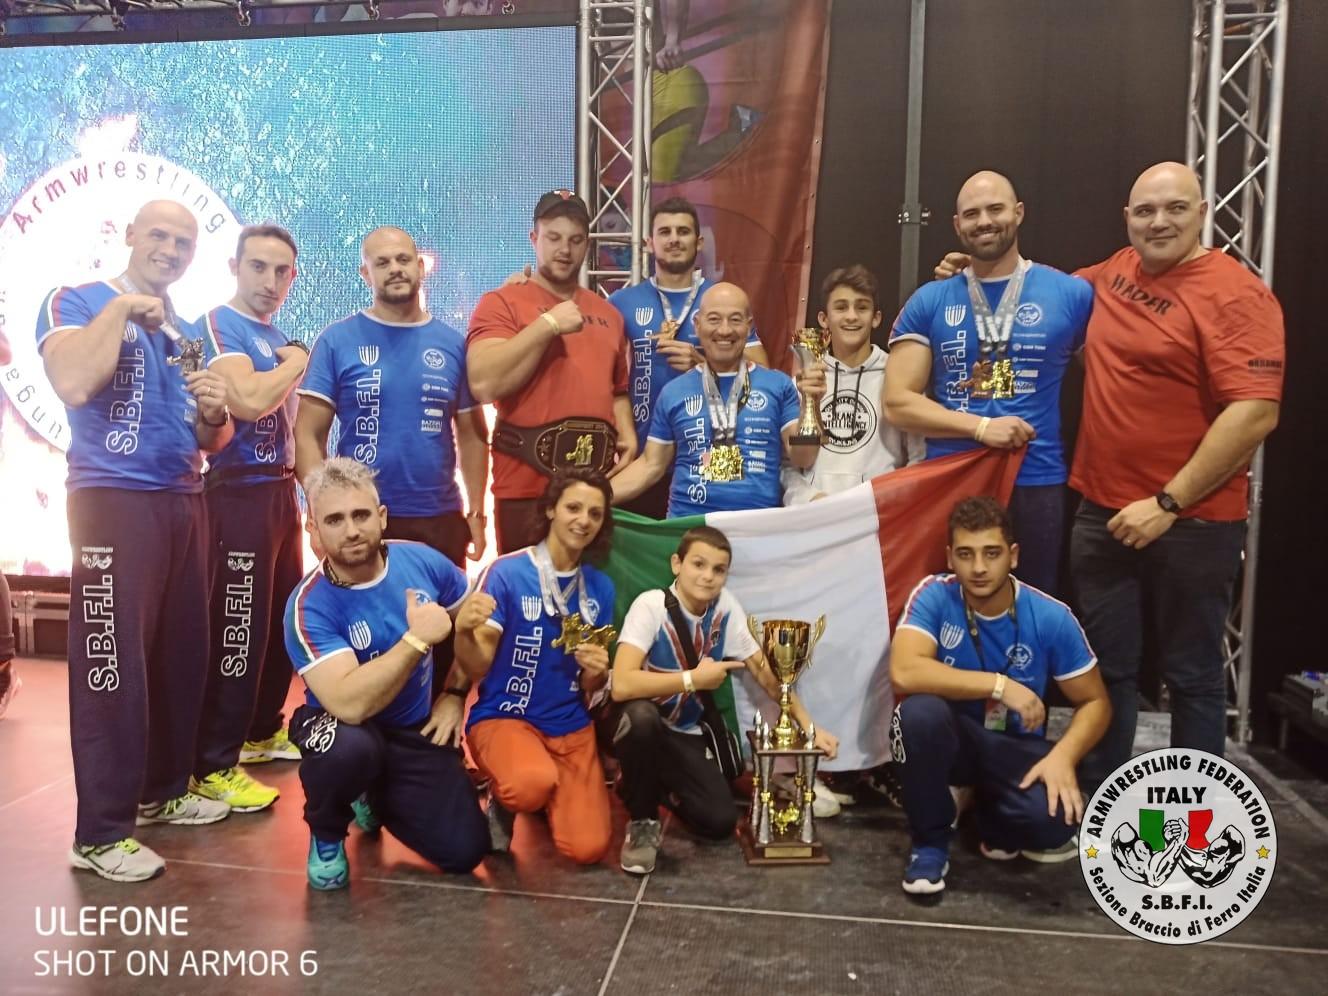 SBFI - Sezione Braccio di Ferro Italia - Judgement Day 2019